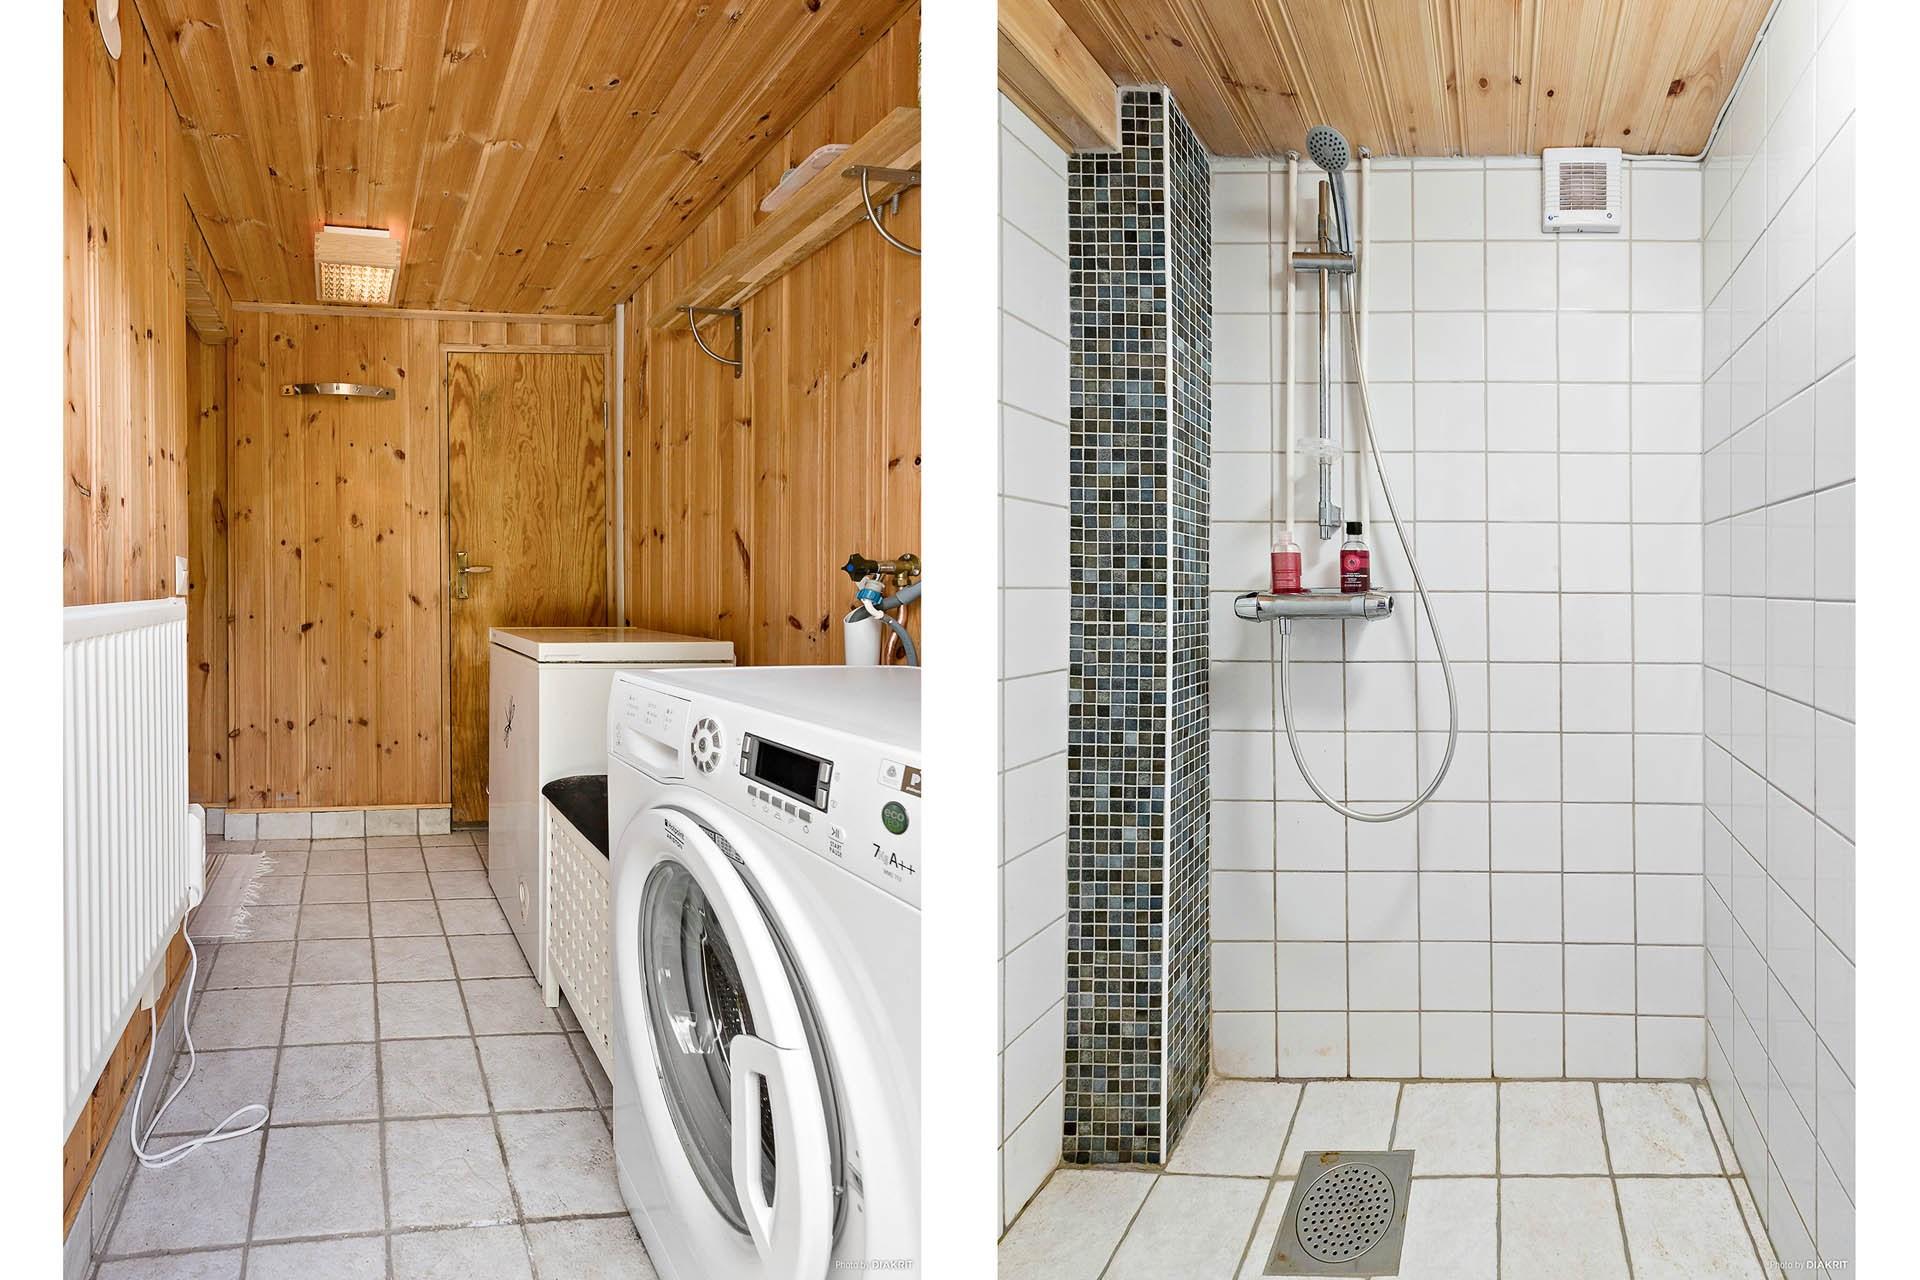 Dusch/Tvätt